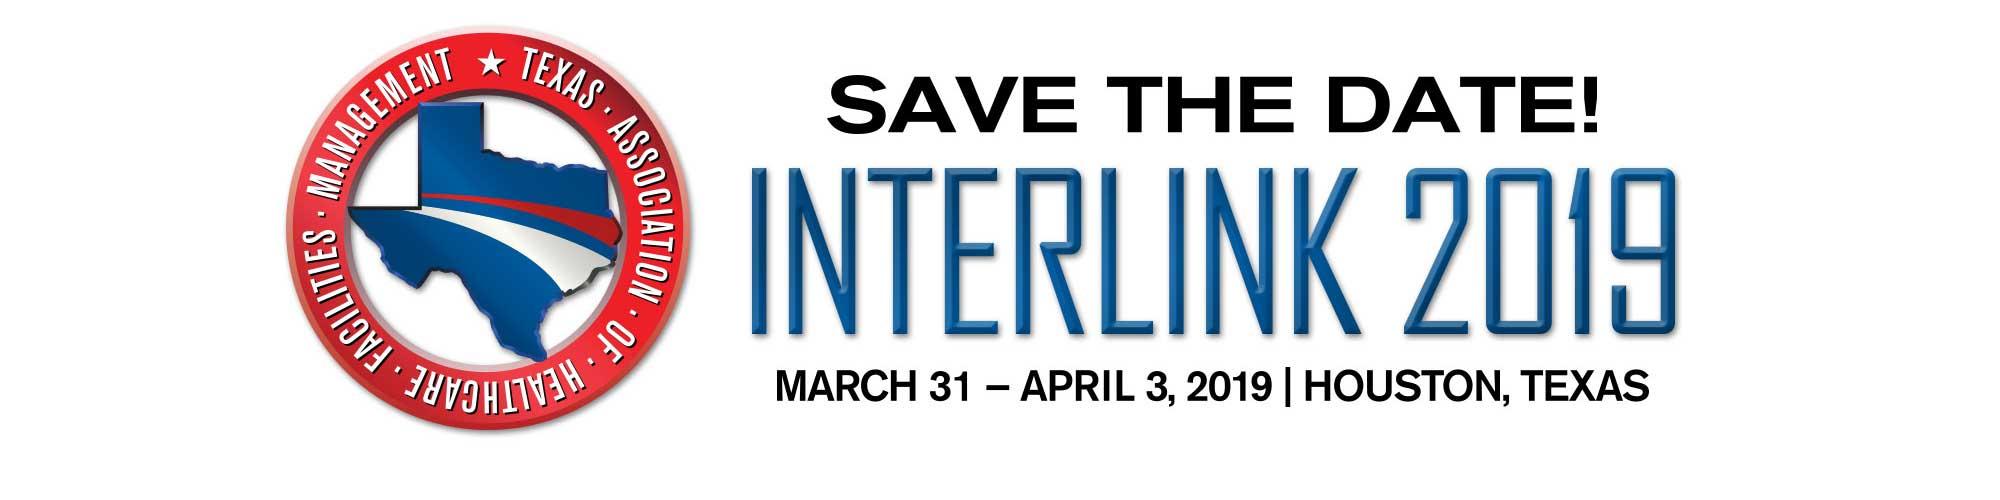 2019 Interlink graphic